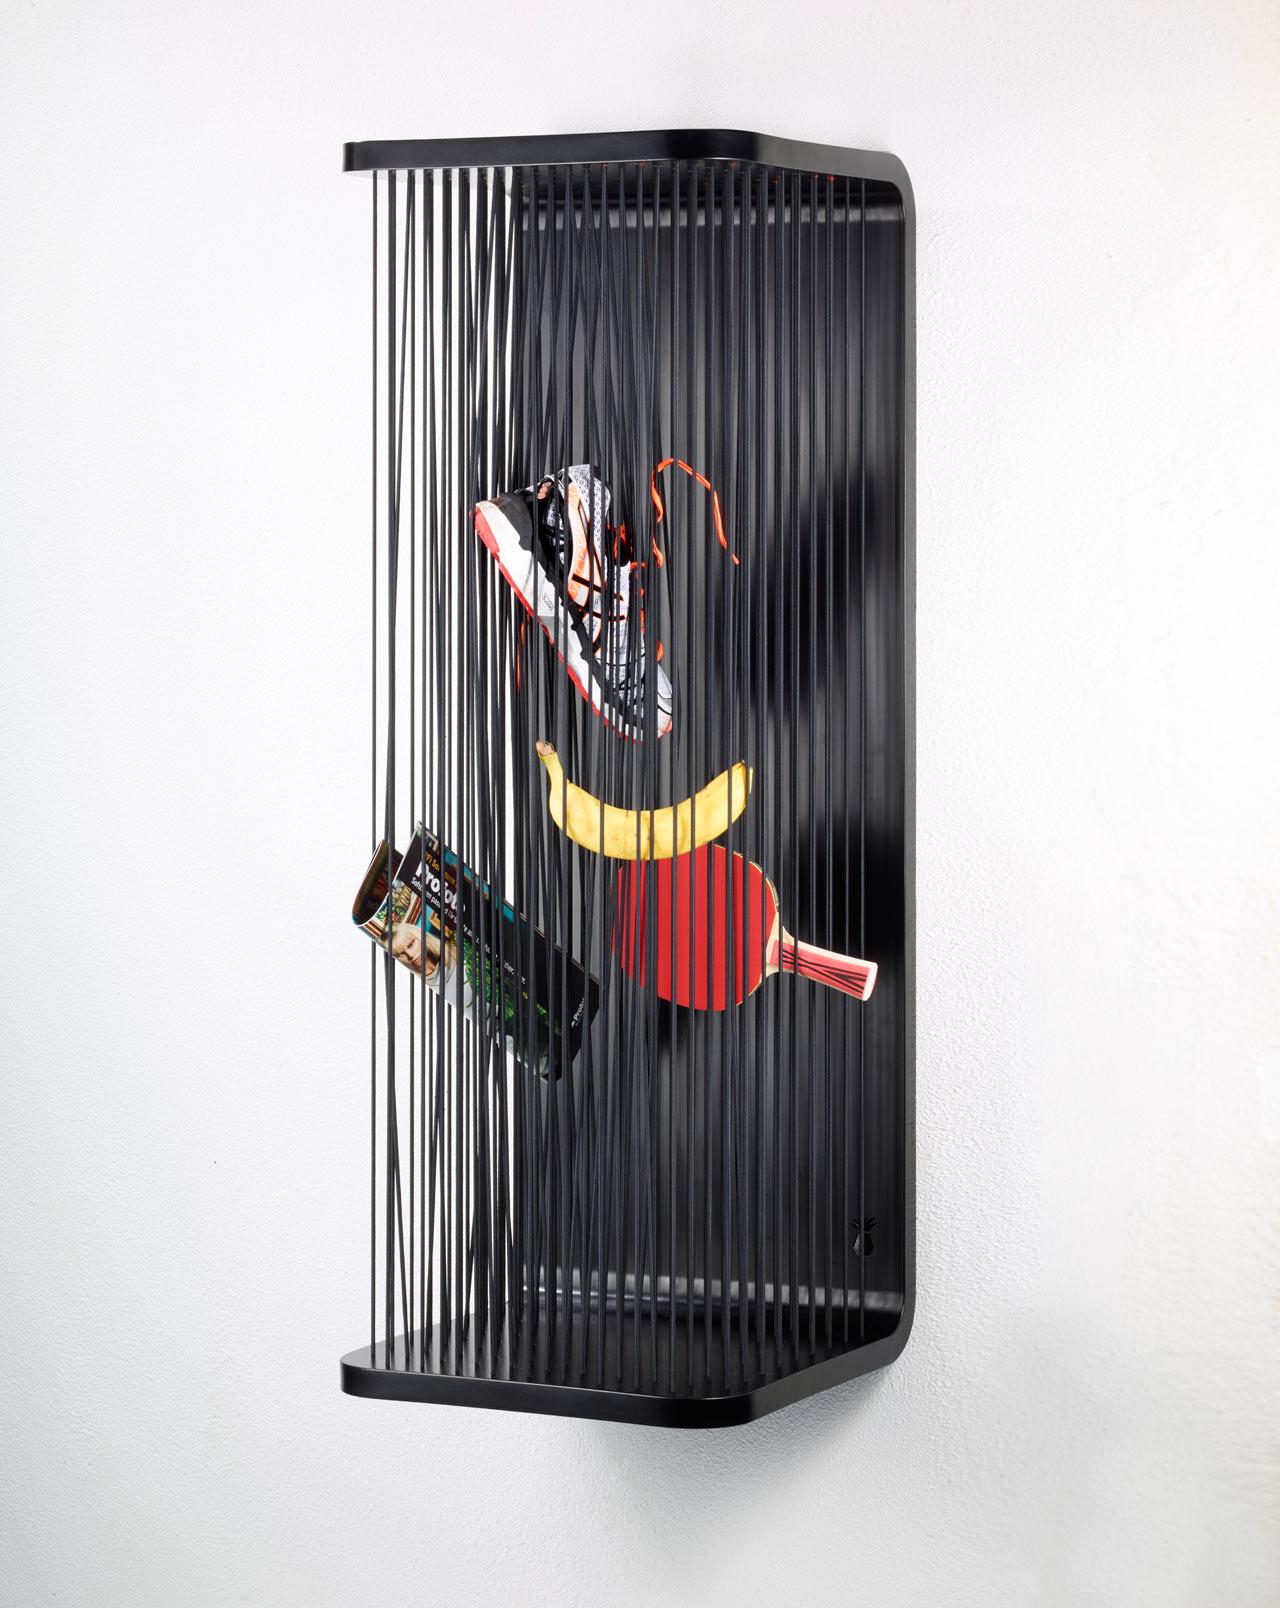 Nest: Wall Storage with a Playful Twist